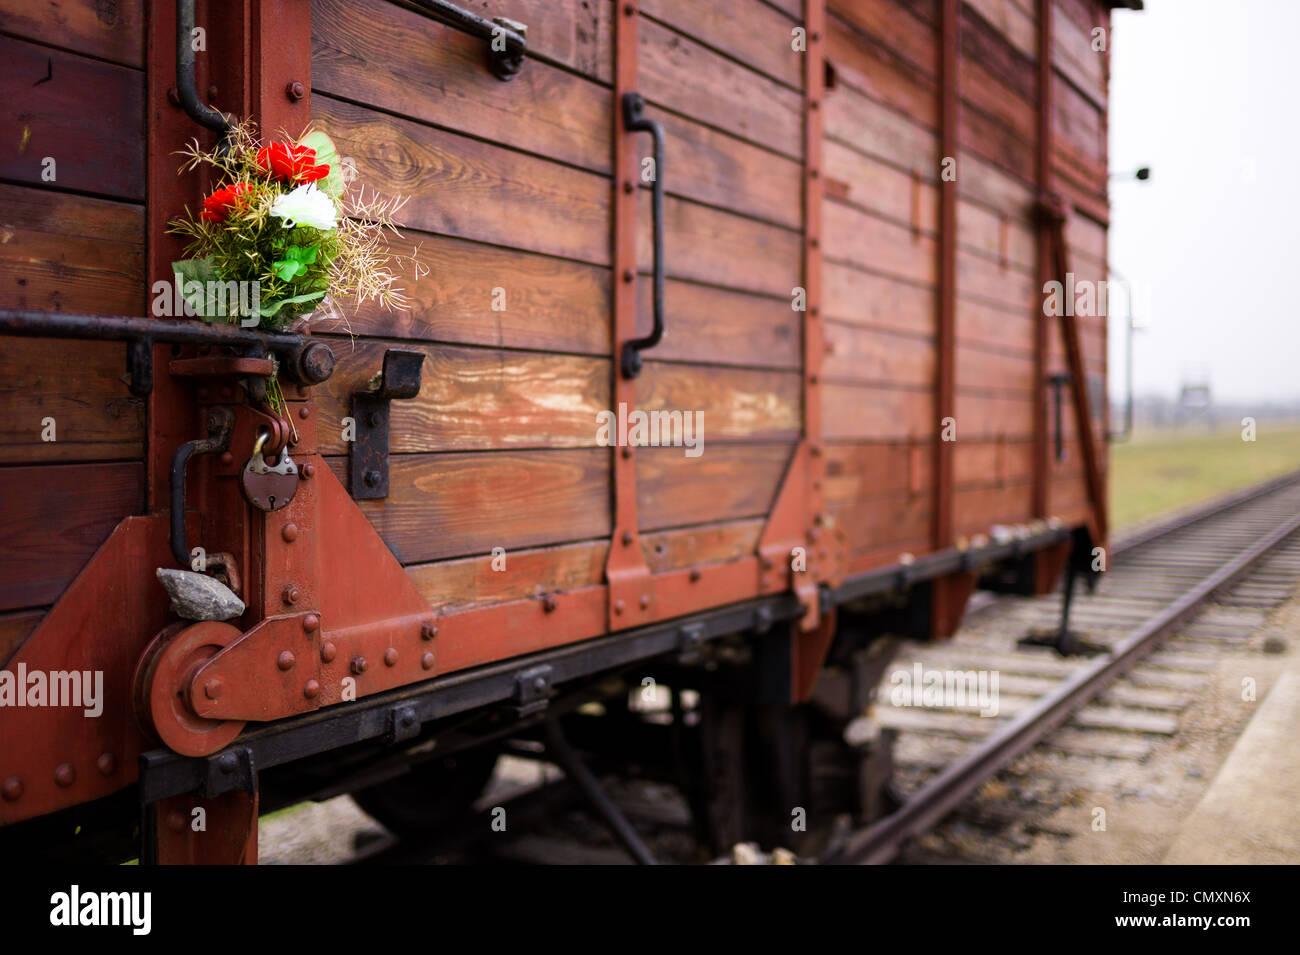 Fleurs commémoratif placé sur un chariot de transport de prisonniers à Auschwitz II Birkenau, en Pologne, Banque D'Images